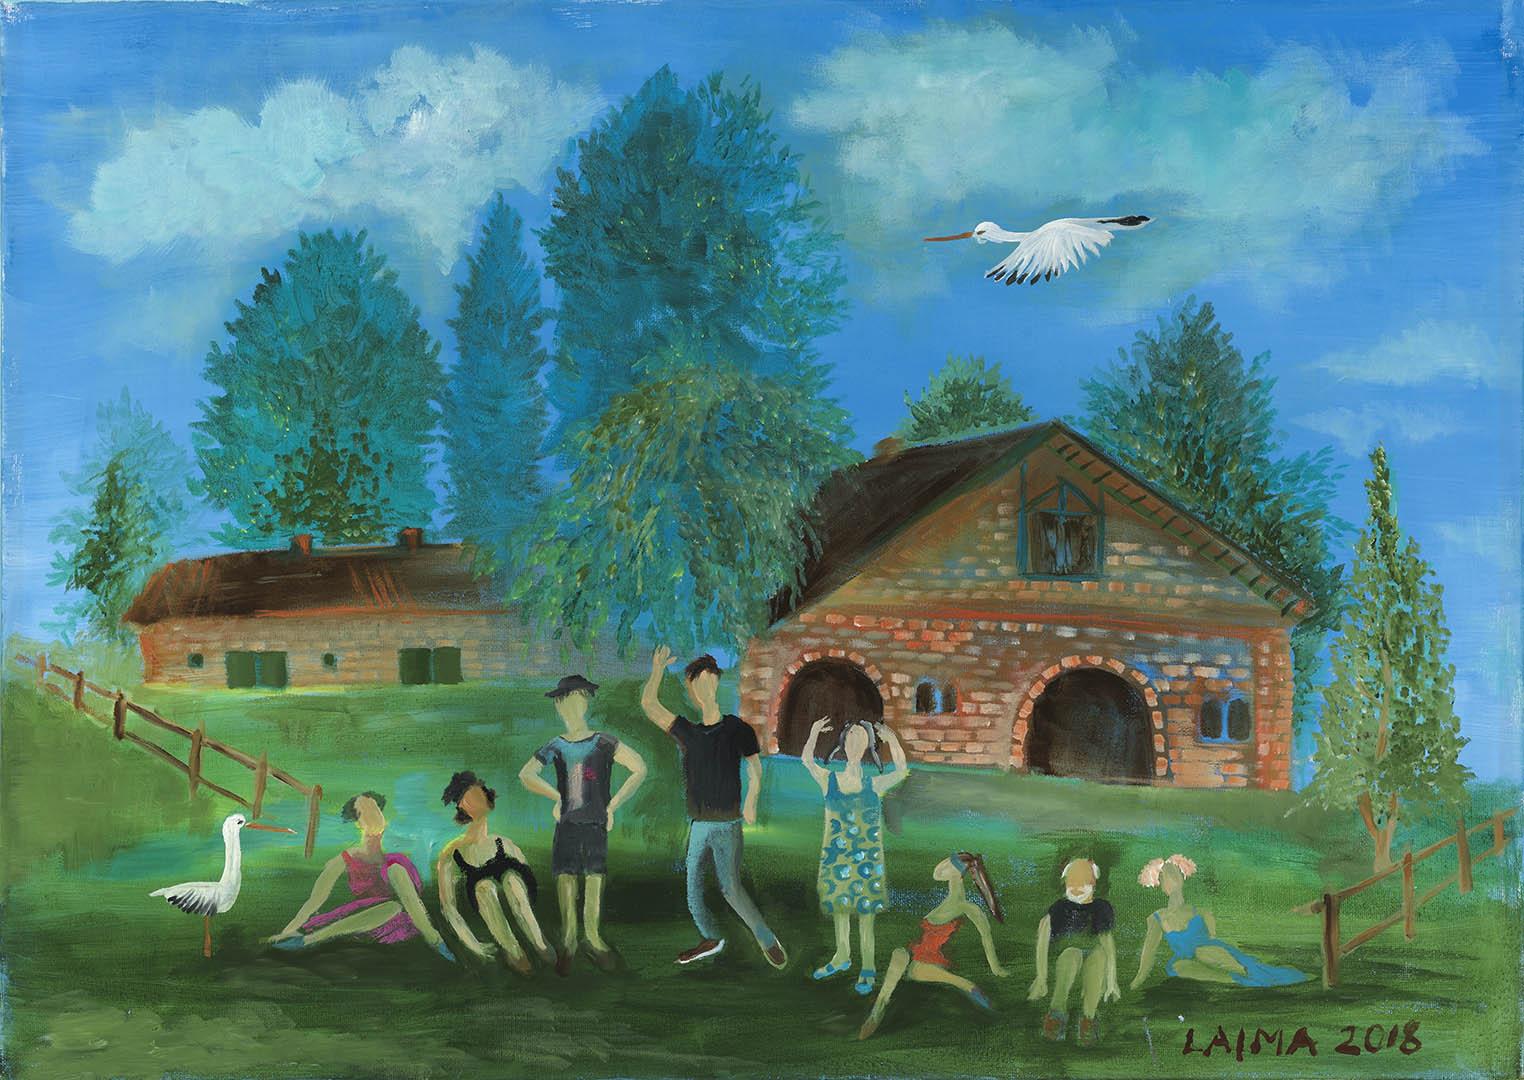 """Laimutė Širvydienė. """"Kurtuvėnų pleneras"""", 2018 m. Drobė, aliejus; 50 x 70 cm"""